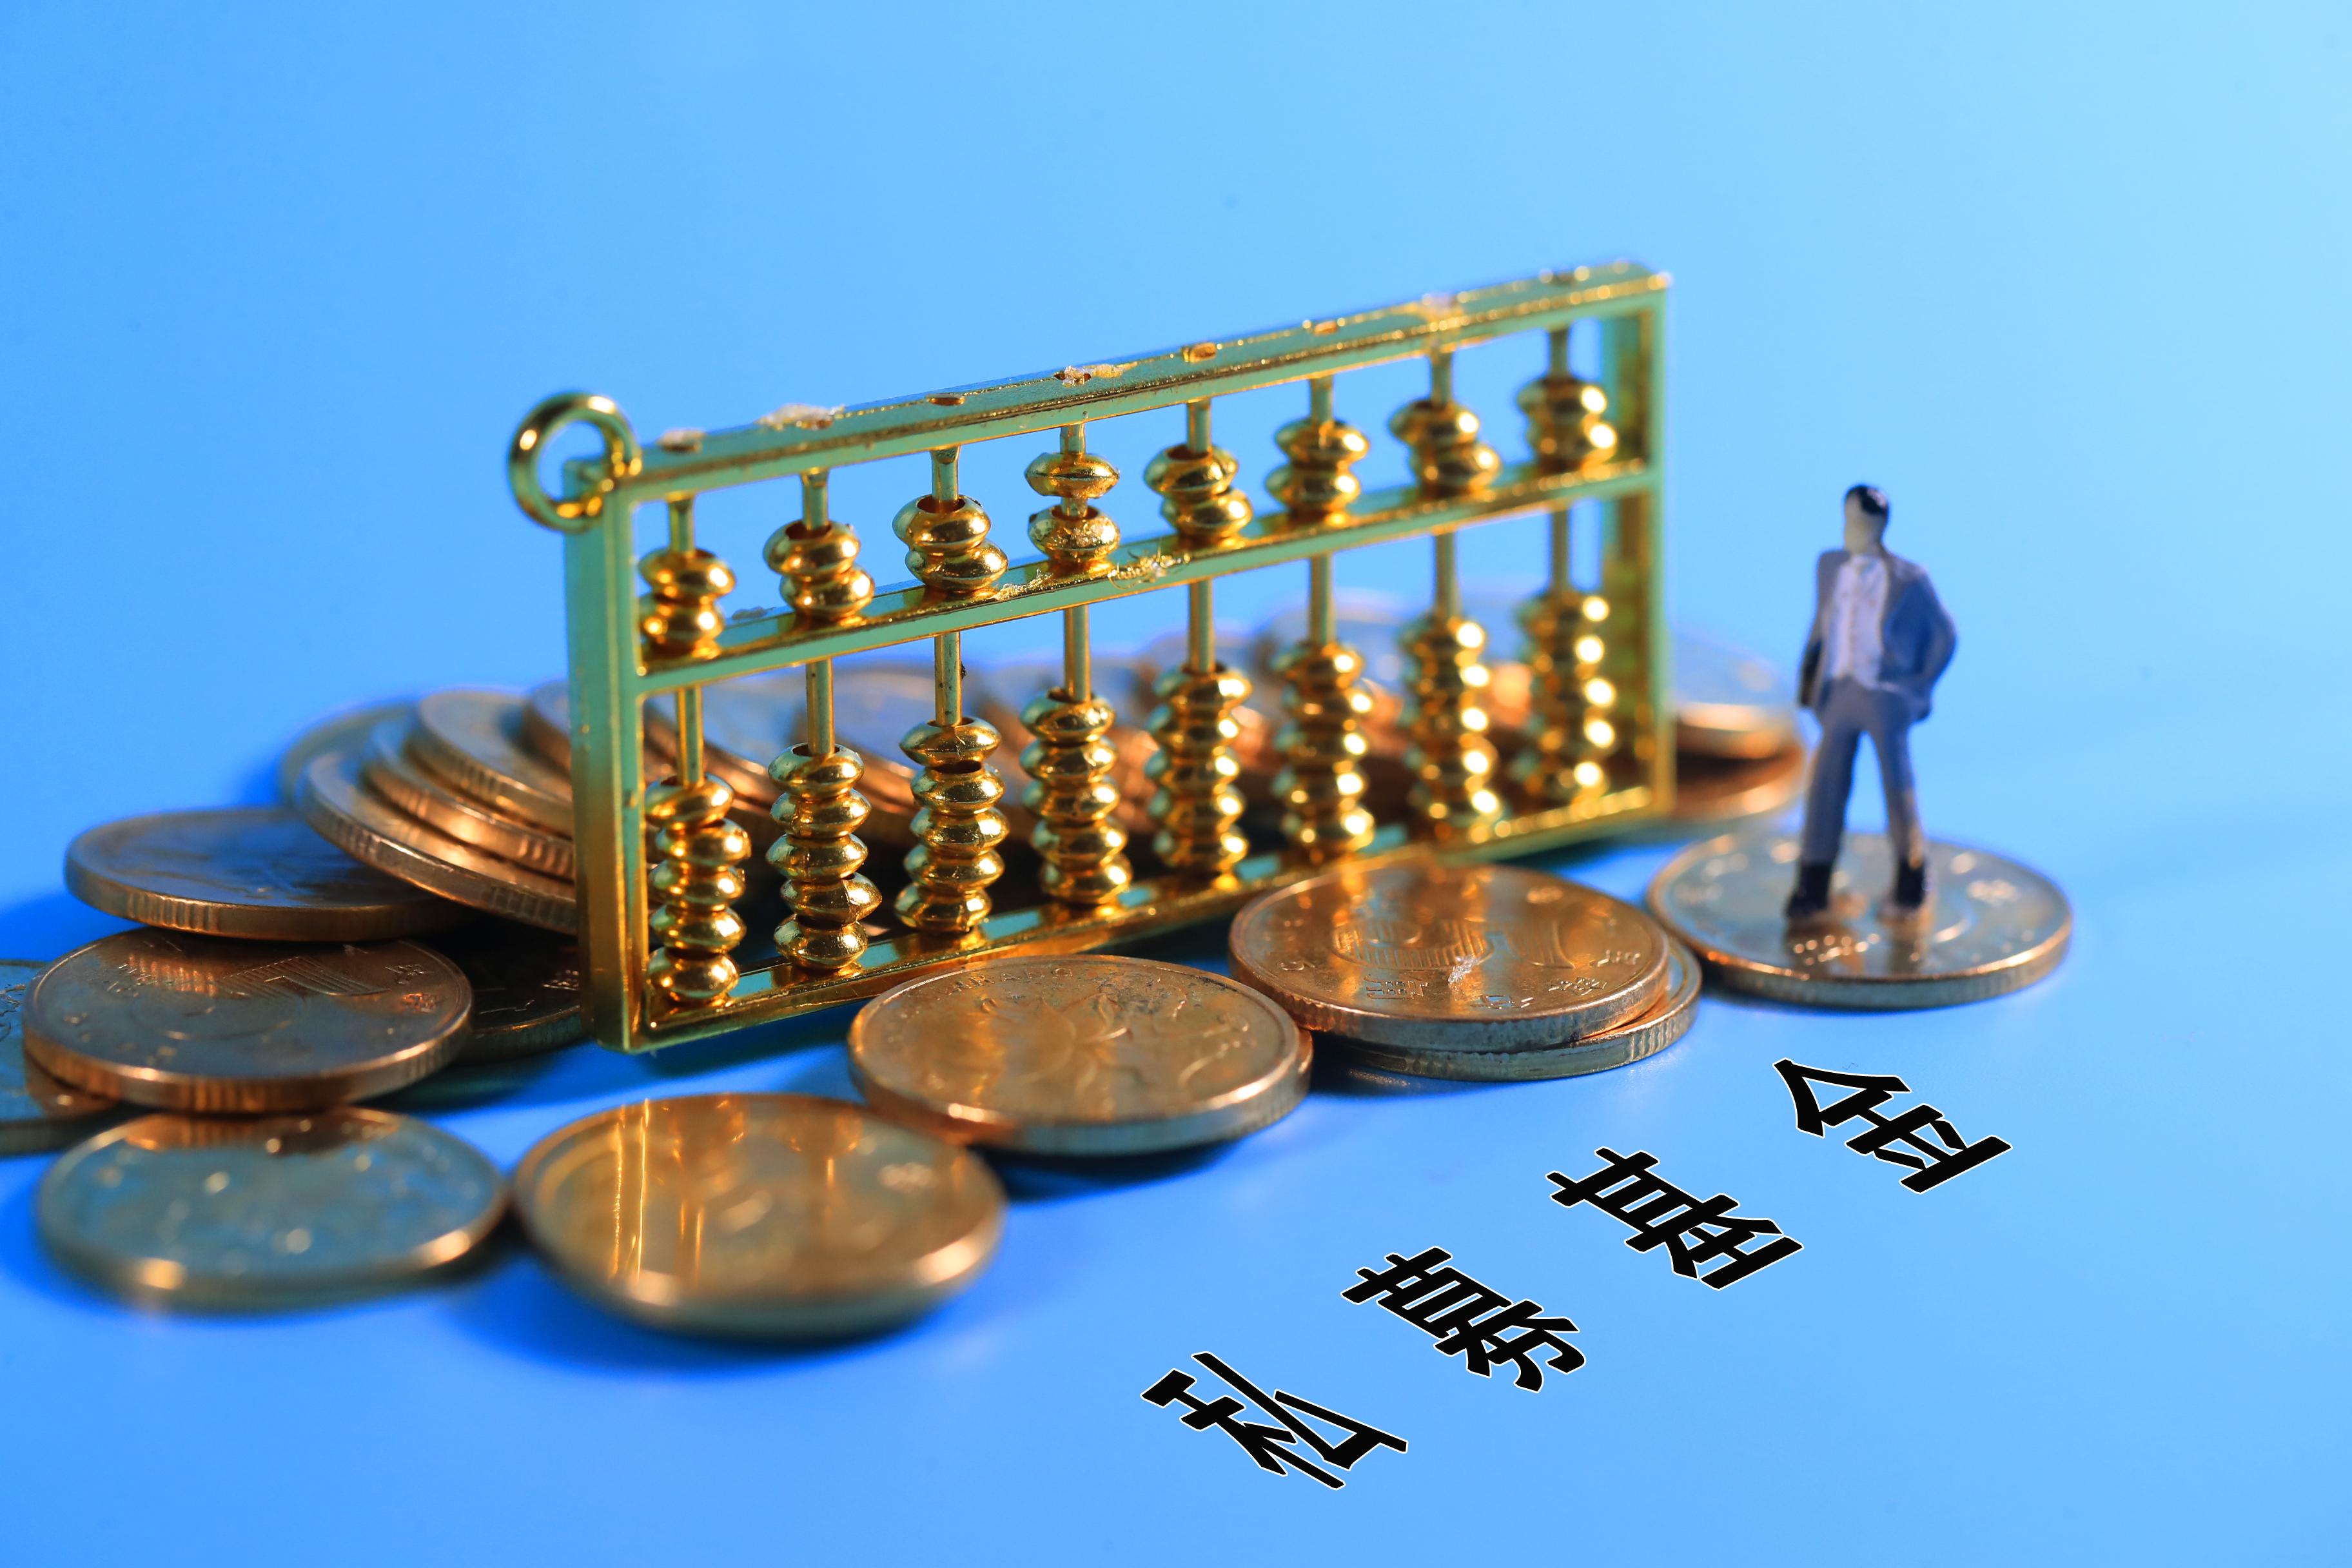 金蝶国际(00268.HK)2018年度纯利升32.9%至4.12亿元  末期息1.0分